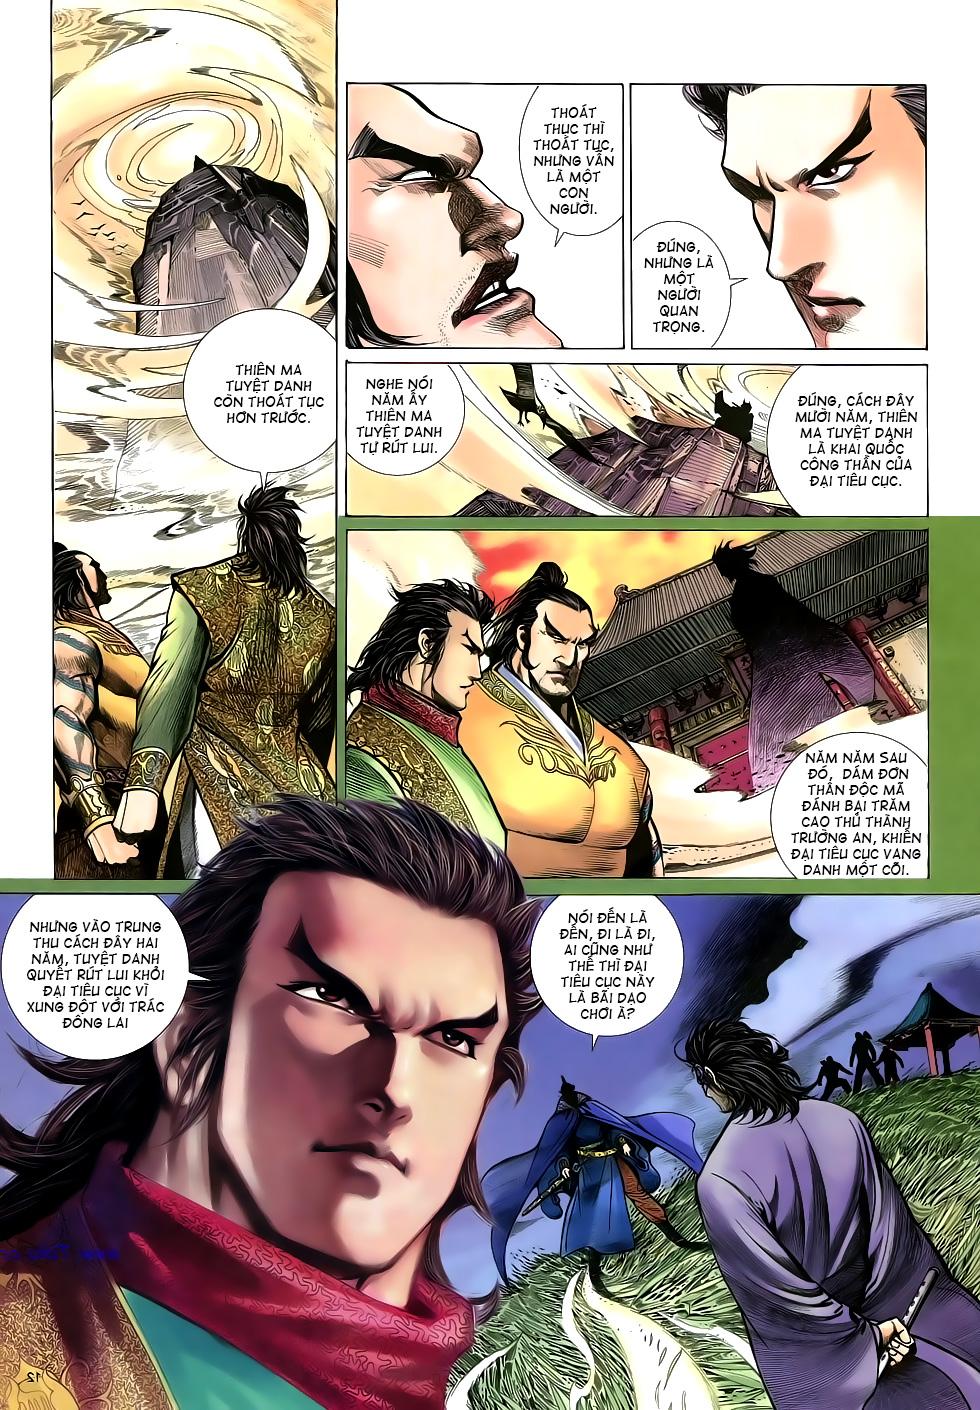 Anh hùng vô lệ Chap 16: Kiếm túy sư cuồng bất lưu đấu  trang 13